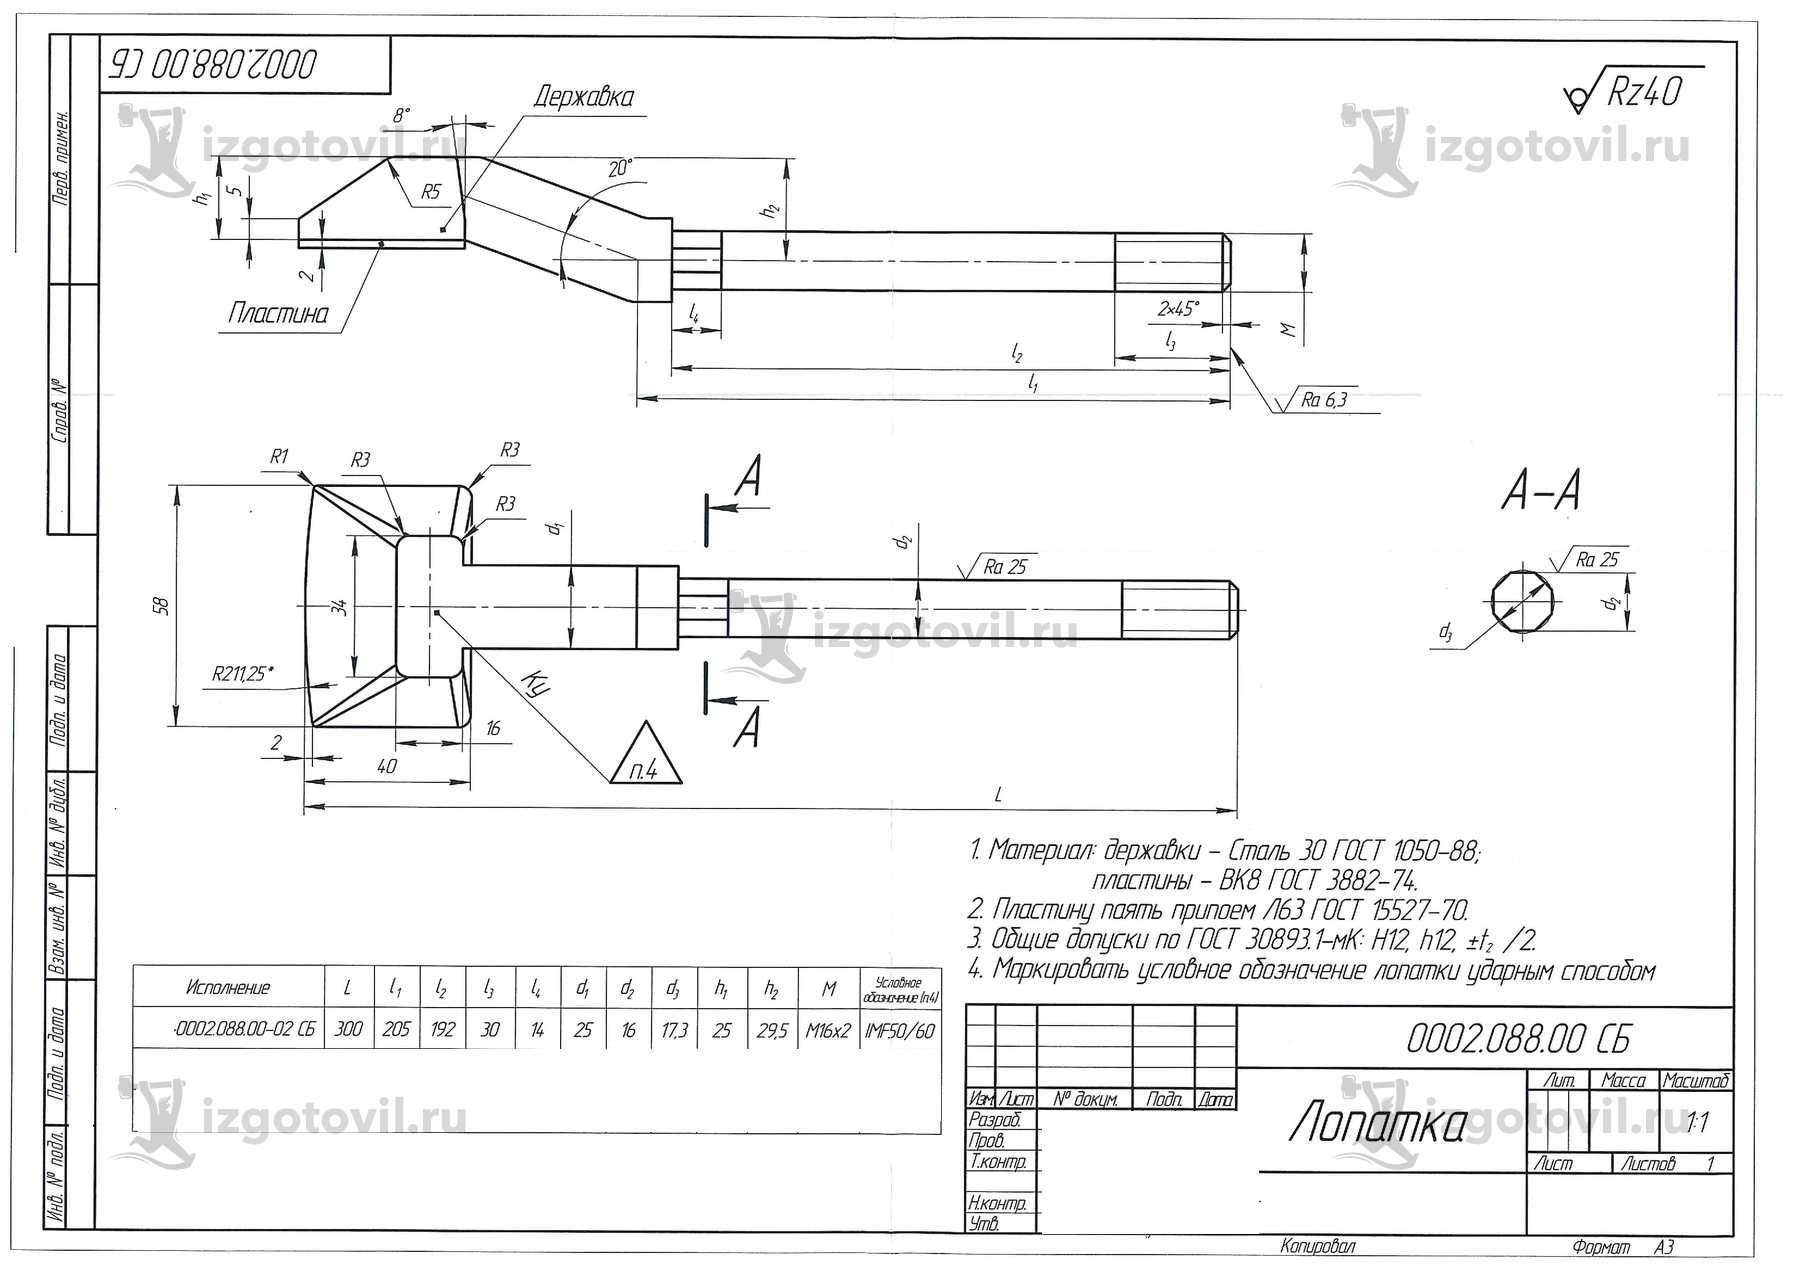 Изготовление деталей по чертежам: лопатки